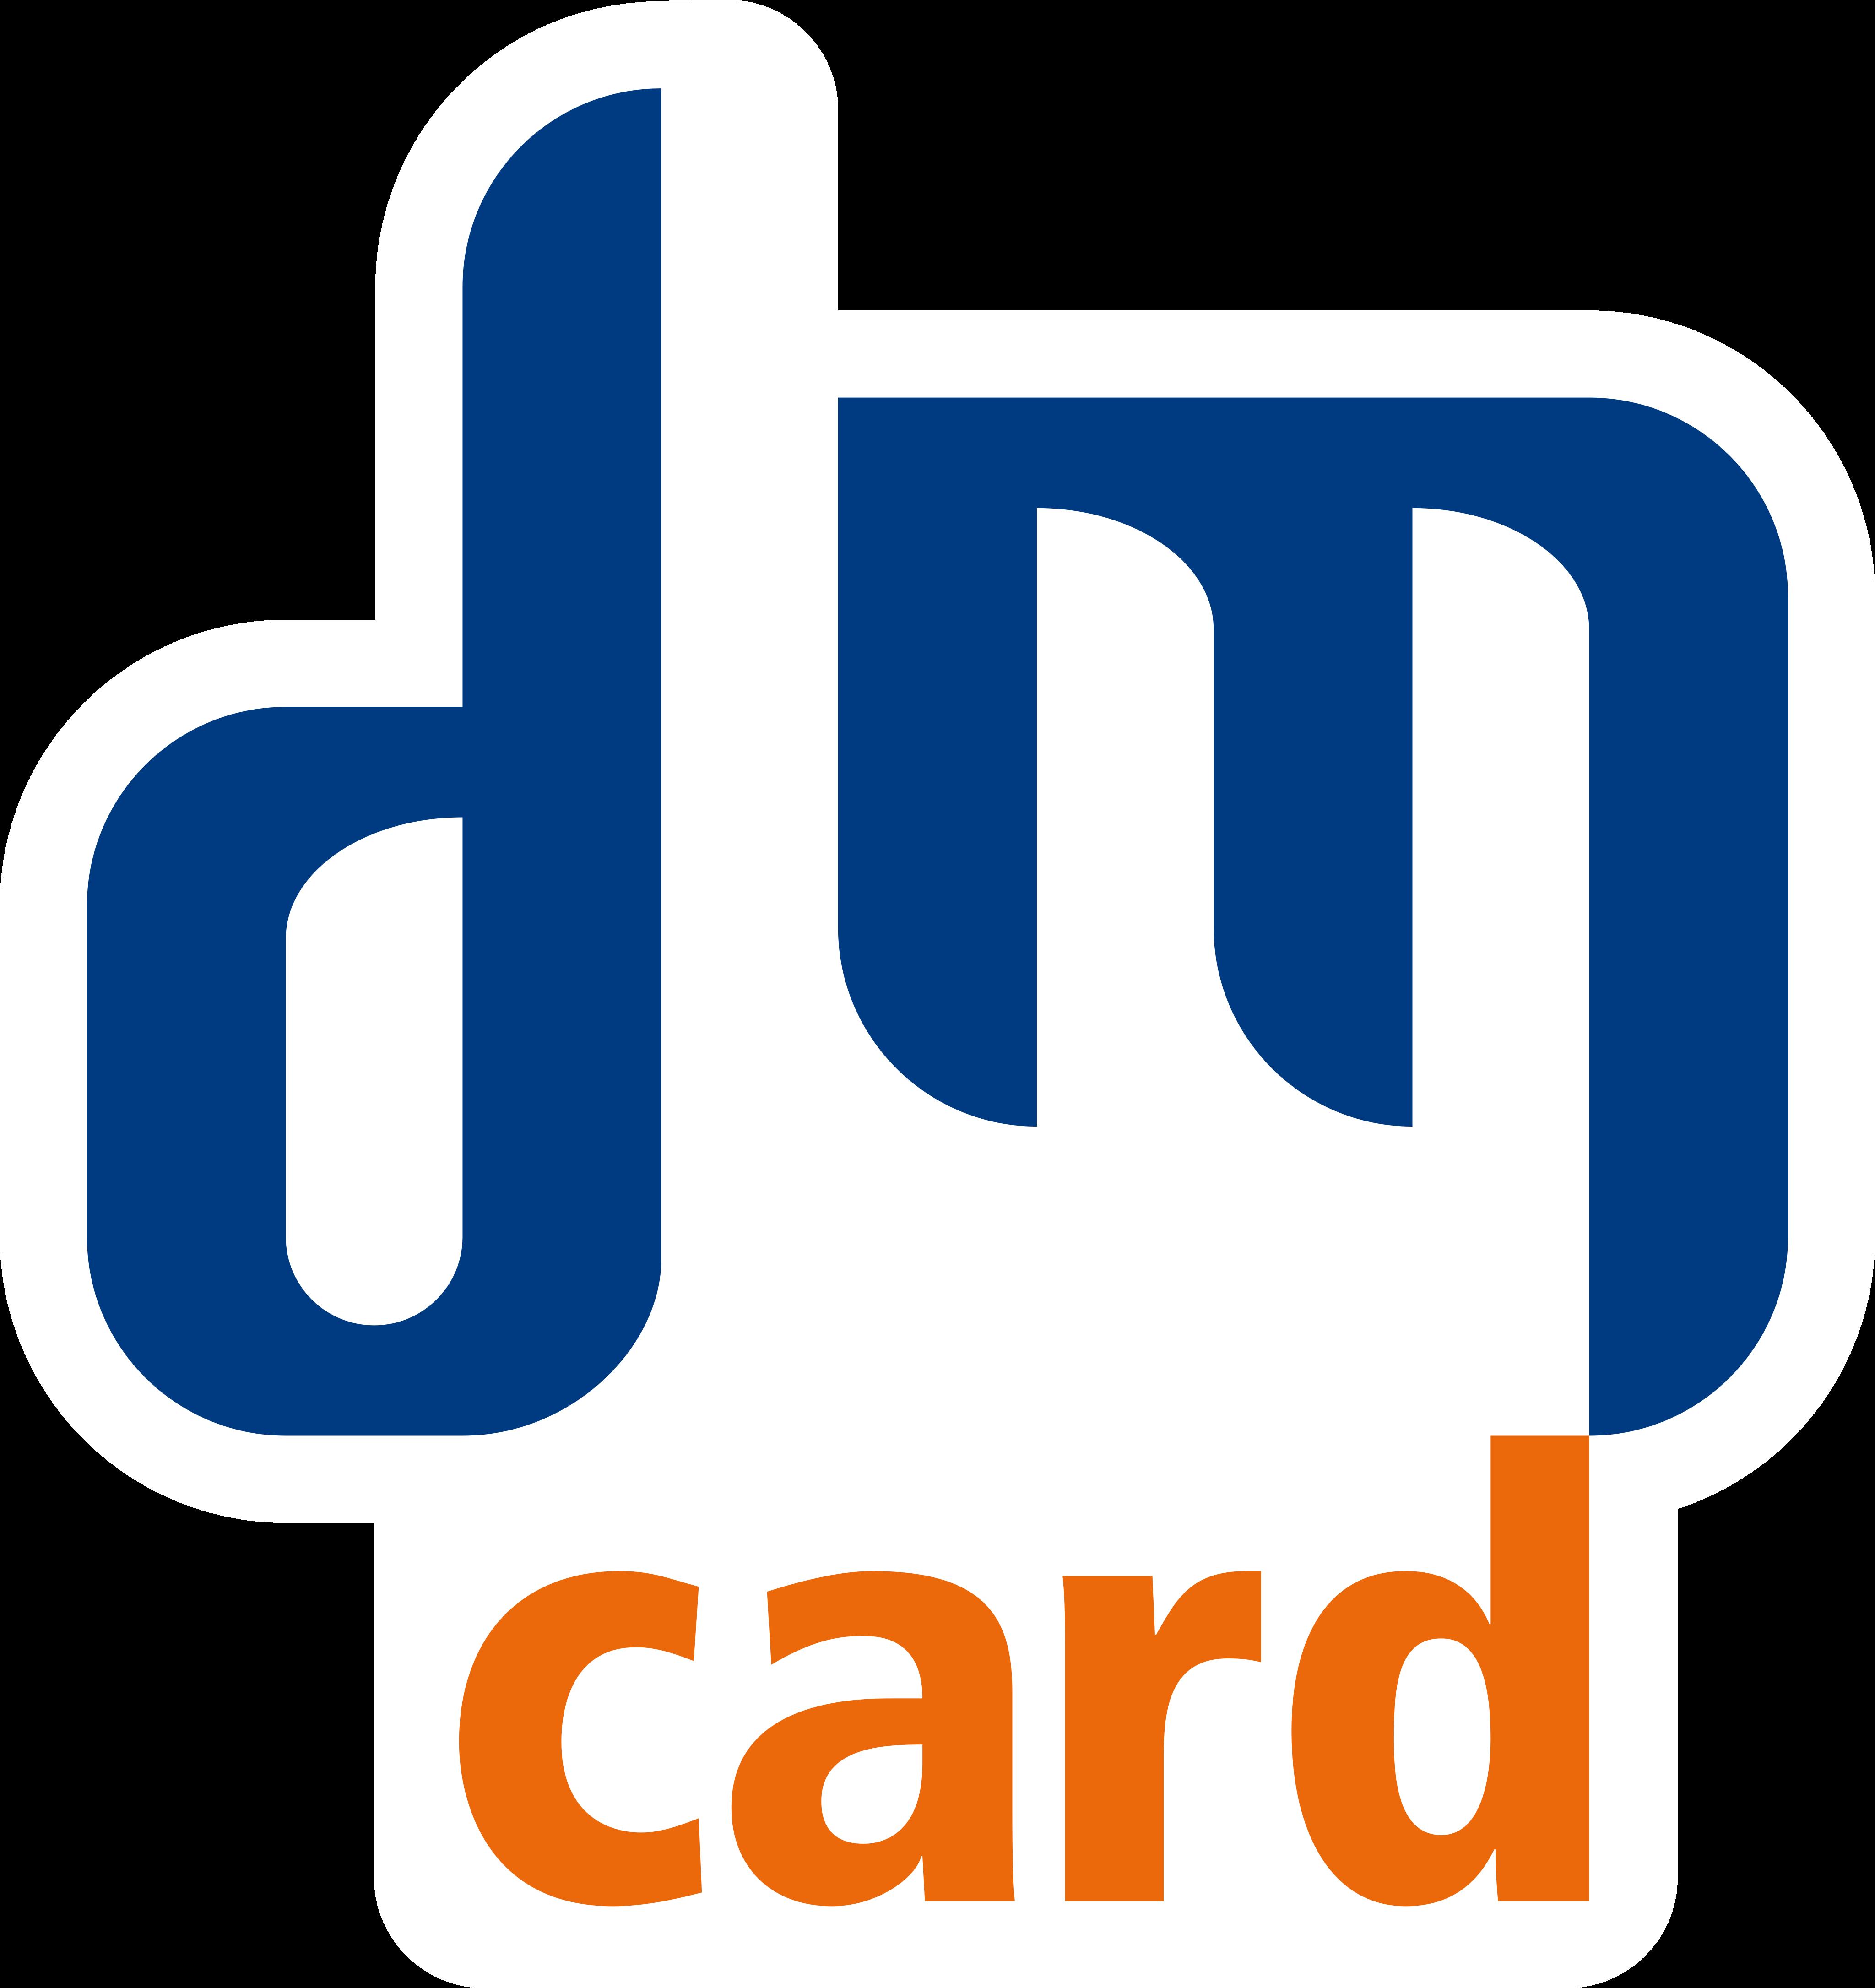 dm card logo 1 - DM Card Logo